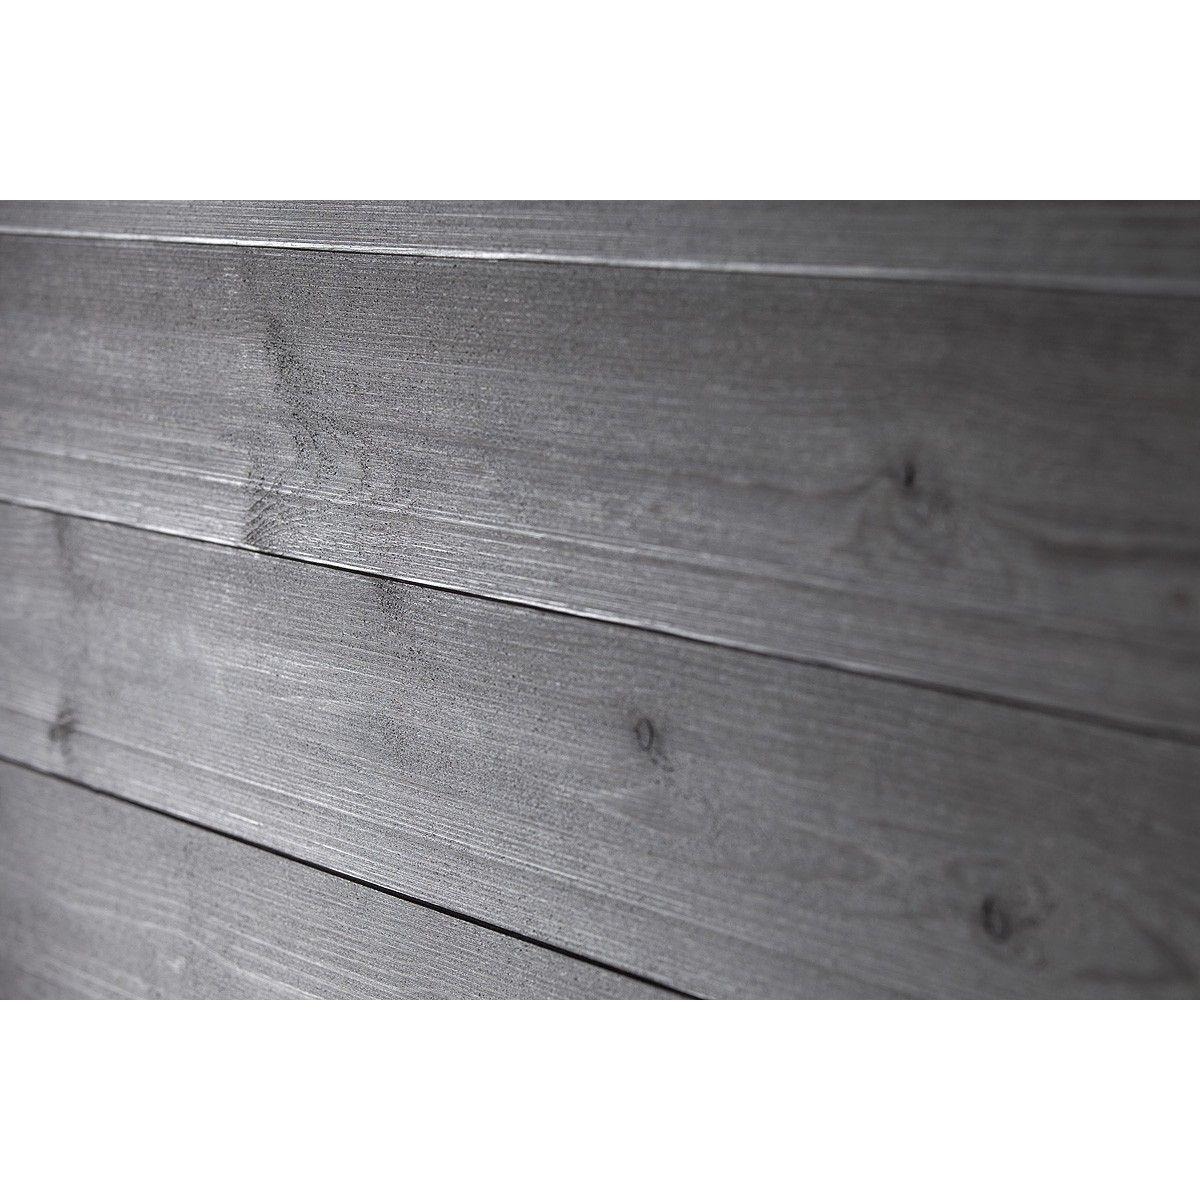 Tyylikästä metallinhohtoa saunaan ja  kosteisiin tiloihin Hienoharjattu leveä struktuuripaneeli soveltuu käytettäväksi niin saunaan kuin kosteiden tilojen kattopaneeliksi. Metallinhohtoista tunnelmaa saunaan ja kosteisiin tiloihin voidaan sisustaa helmiäisharmaalla struktuuripaneelilla.   Piilokiinnitettävä, suorareunainen muoto ja paneelin 176 mm leveys antavat mahdollisuuden katseenvangitseviin massiivisiin puupintoihin. Paneelin hienoharjatulta pinnalta kuultaa puun kauneus…